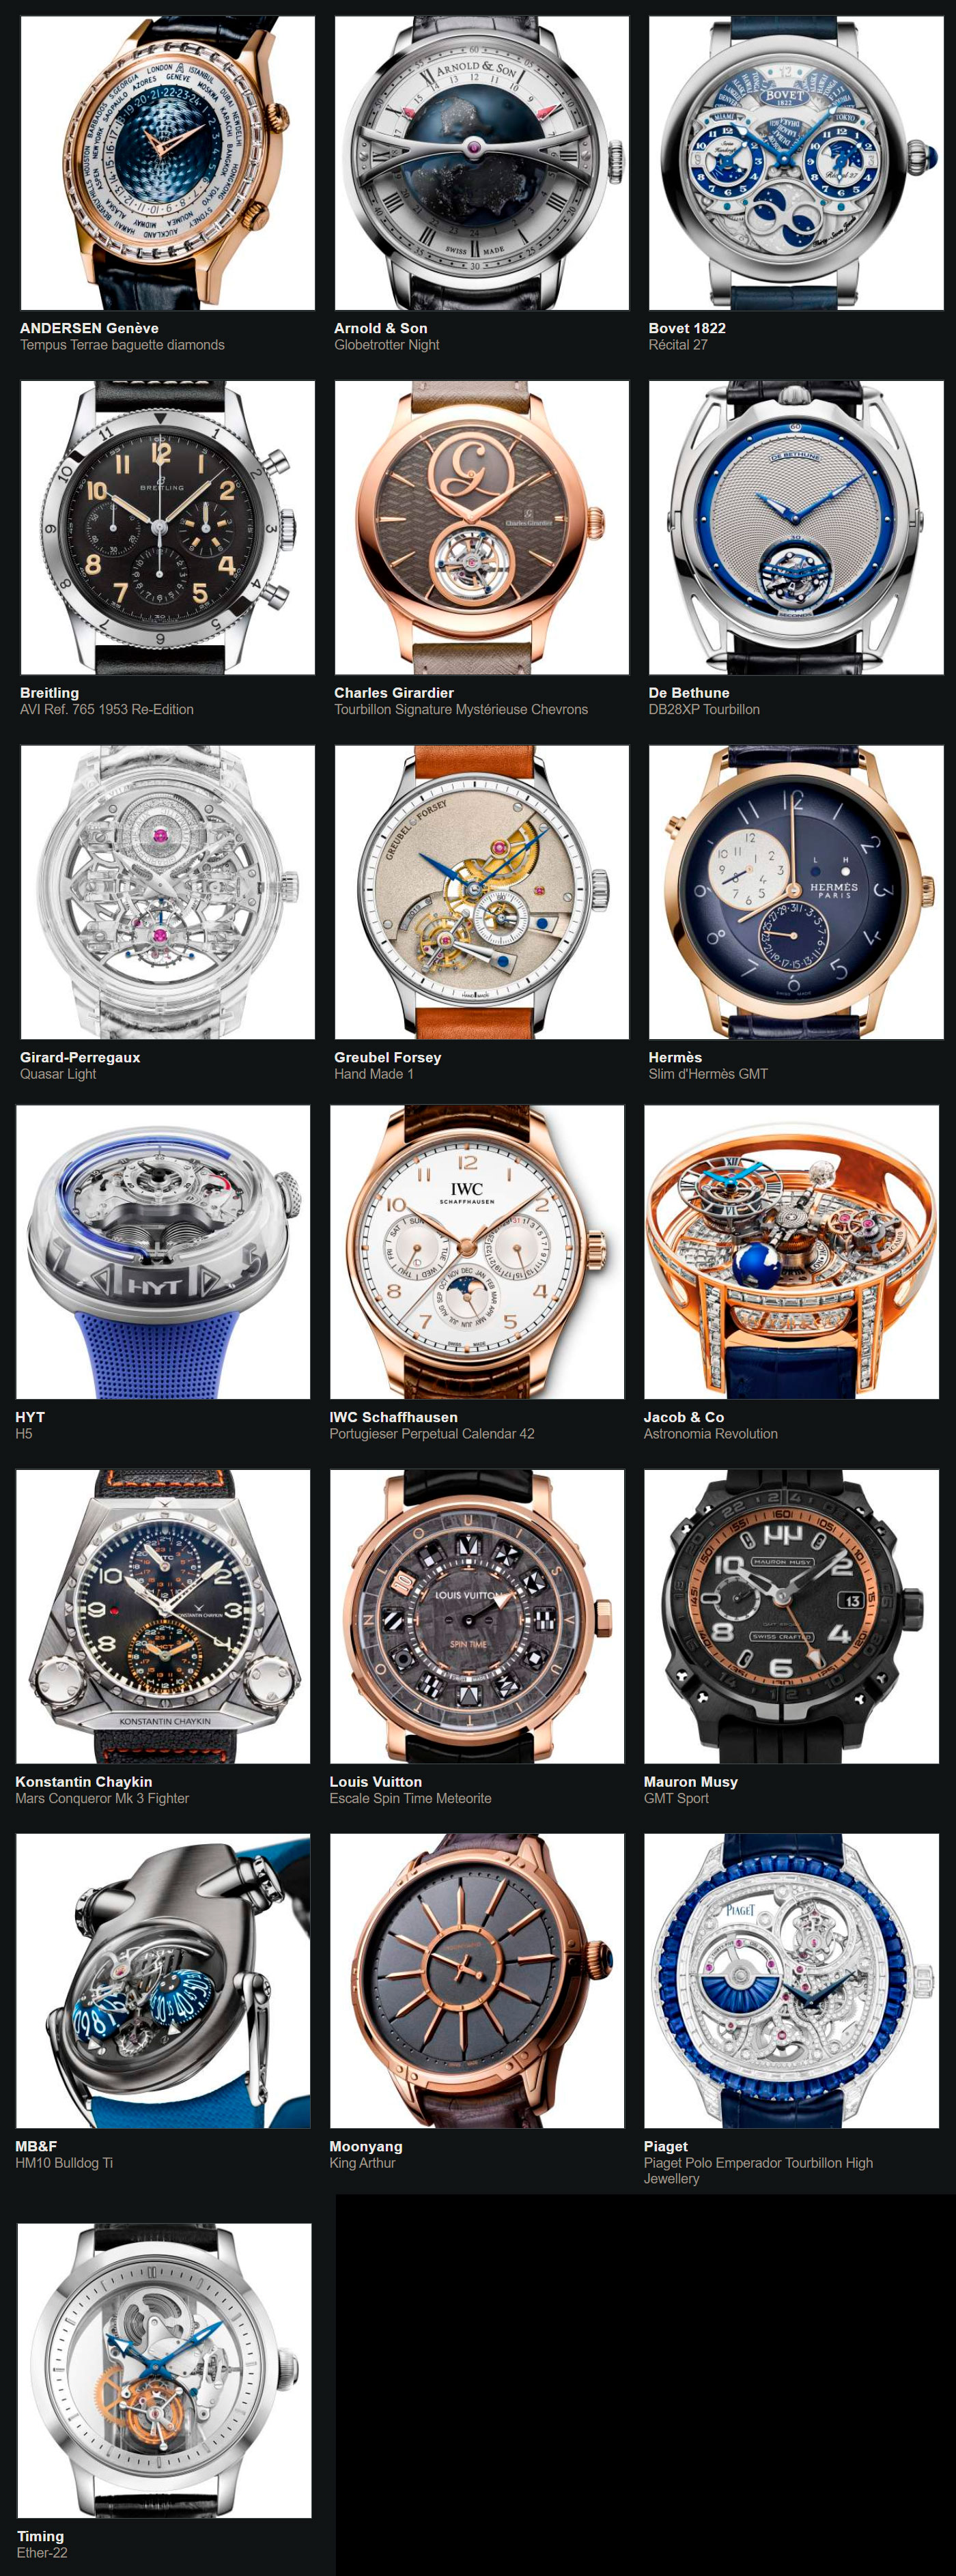 Relojes preseleccionados para el Gran Premio de Relojería de Ginebra 2020 Complicación Caballero